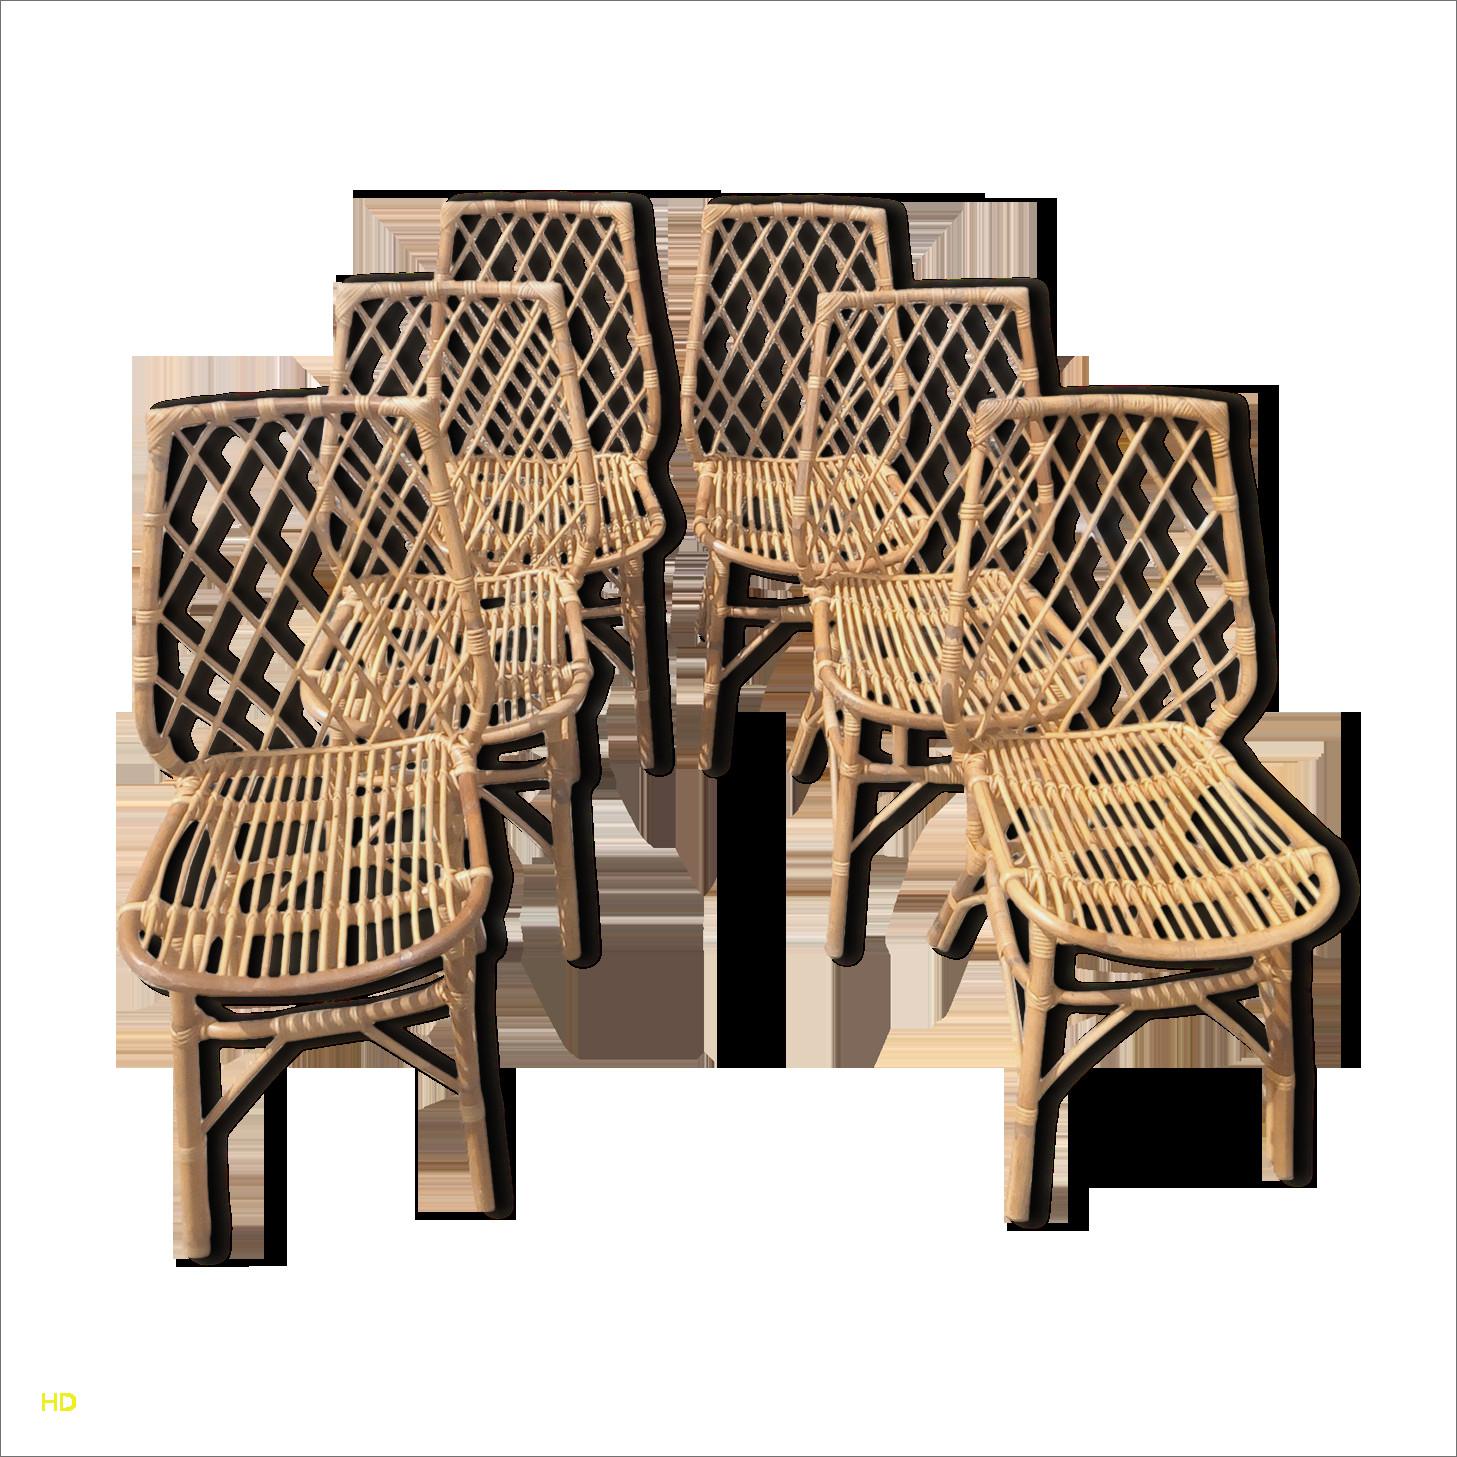 chaise osier ikea best fauteuil en nouveau chic oeuf pas cher chaise osier frais chaises elegant pas cher fauteuil rotin tressac of